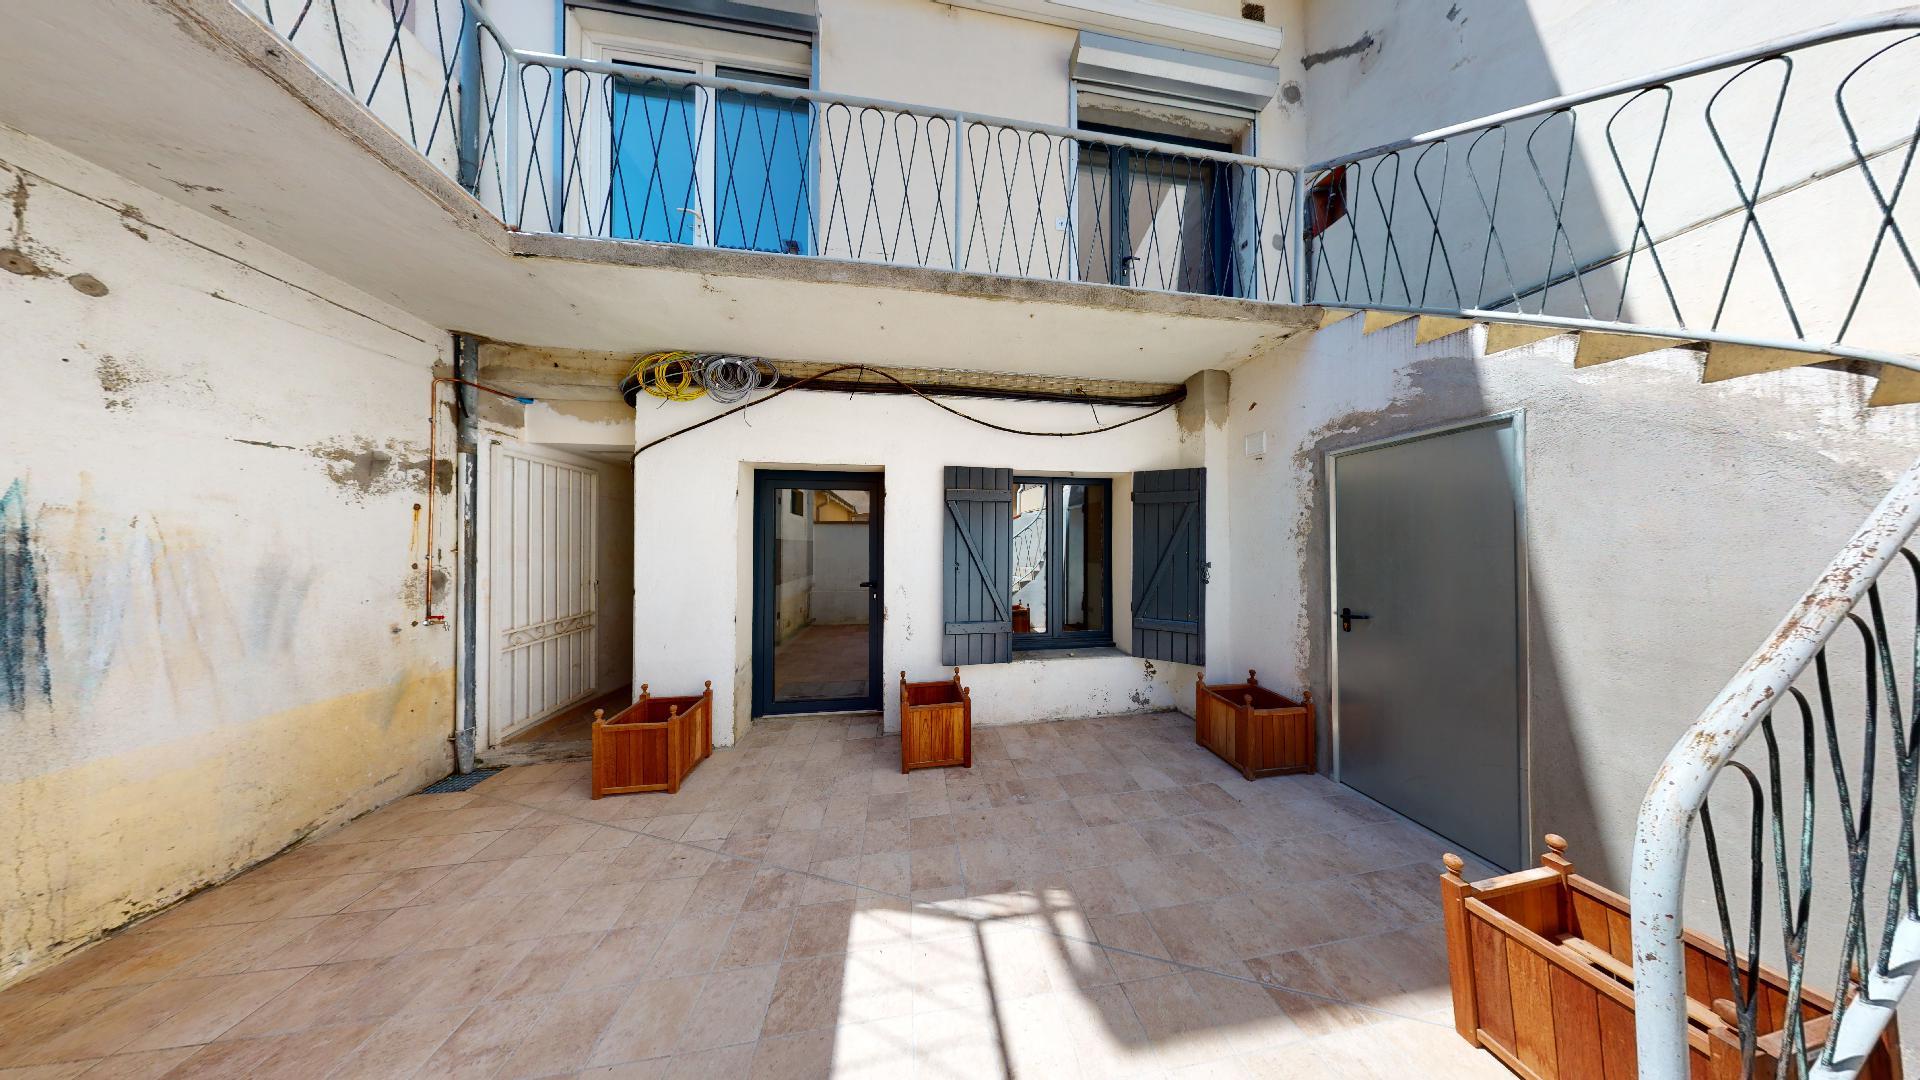 Contemporain-Charme-de-lancien-T1-ESPRIT-PATIO-UrbanHouse360